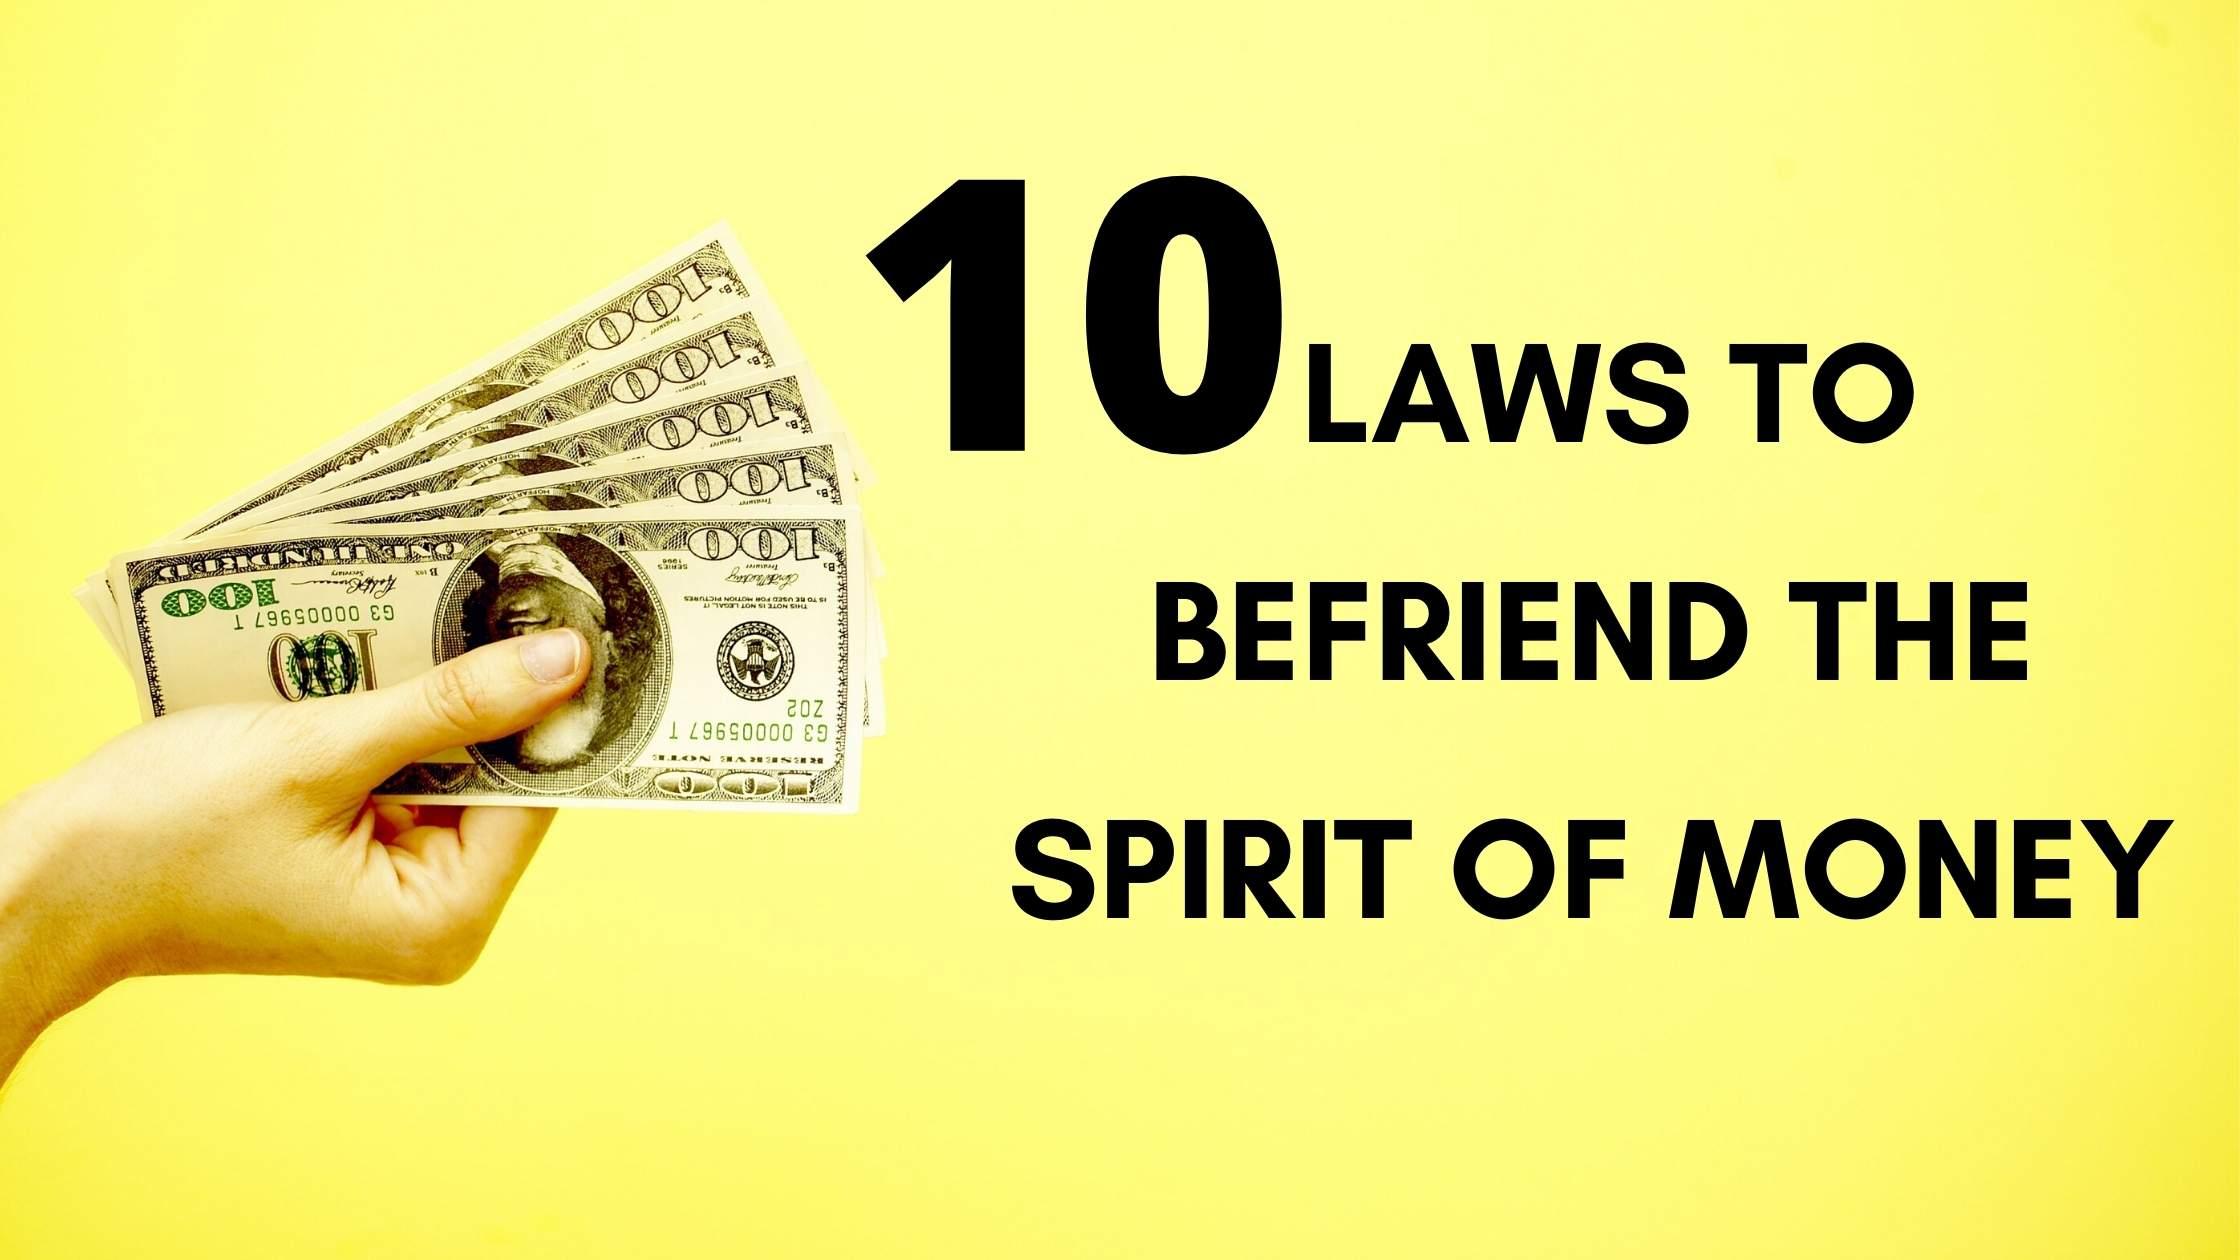 Ten Laws To Befriend The Spirit Of Money